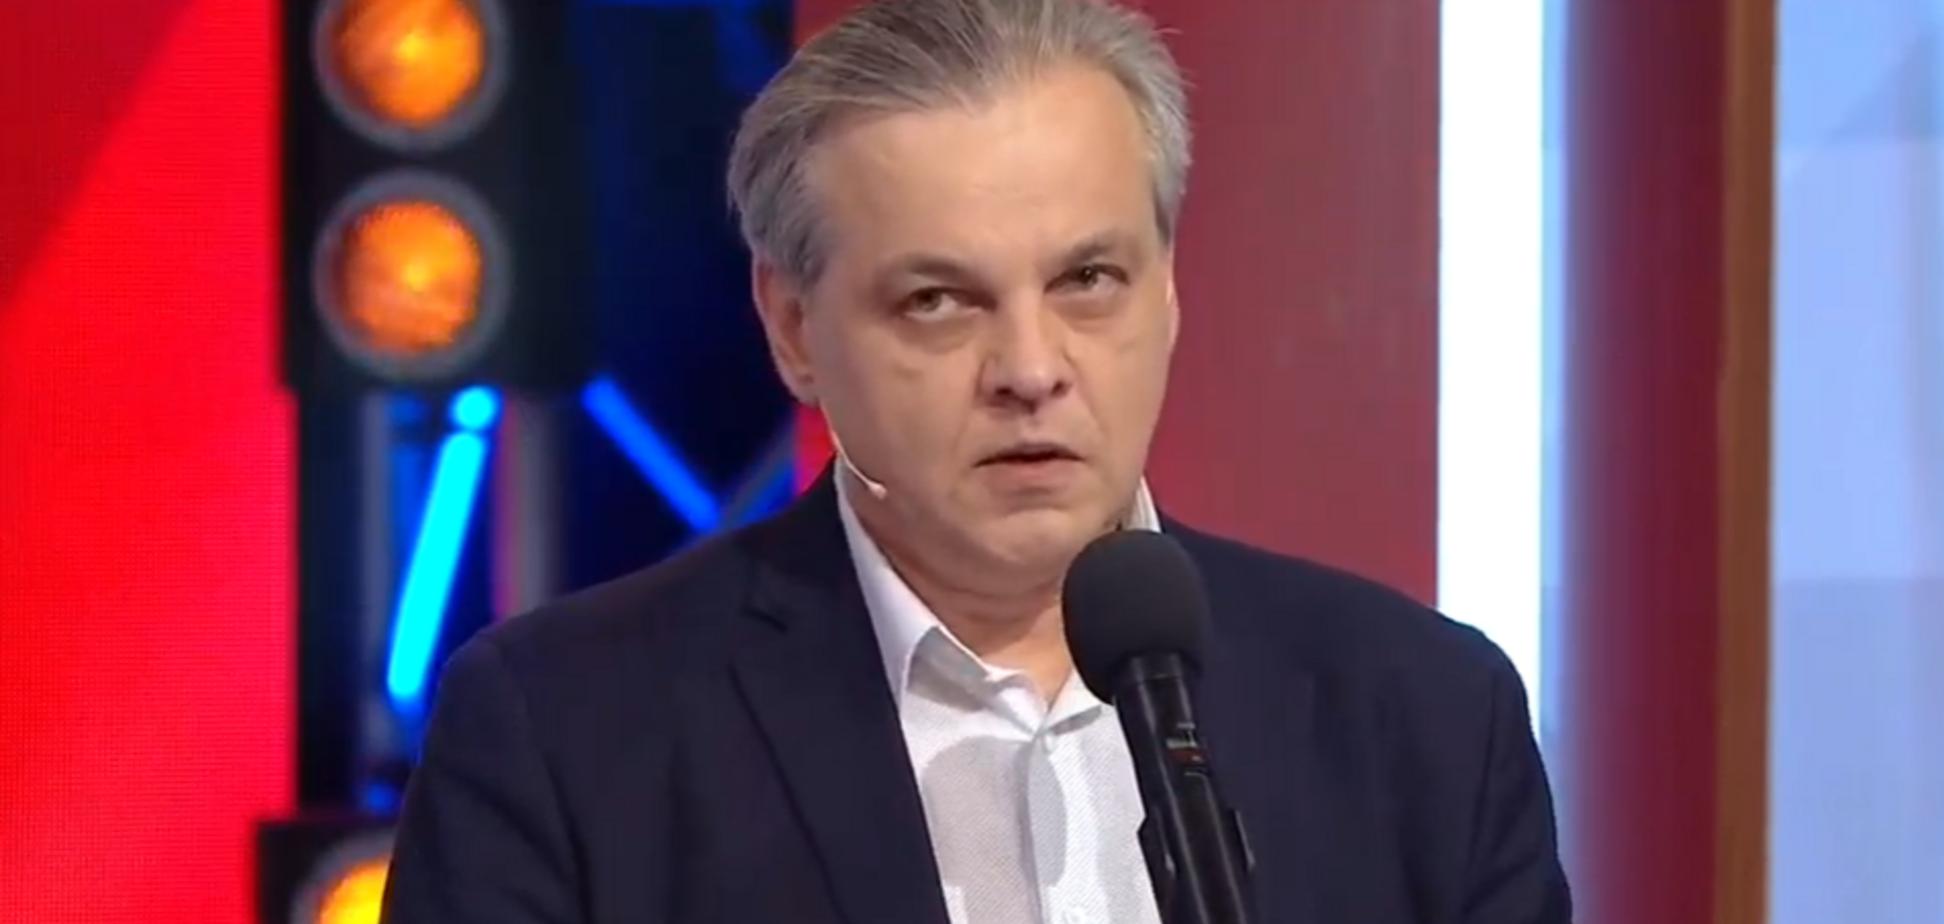 'Ми вбили людей! Така війна не потрібна!' Рахманін жорстко висловився про бої за Донецький аеропорт